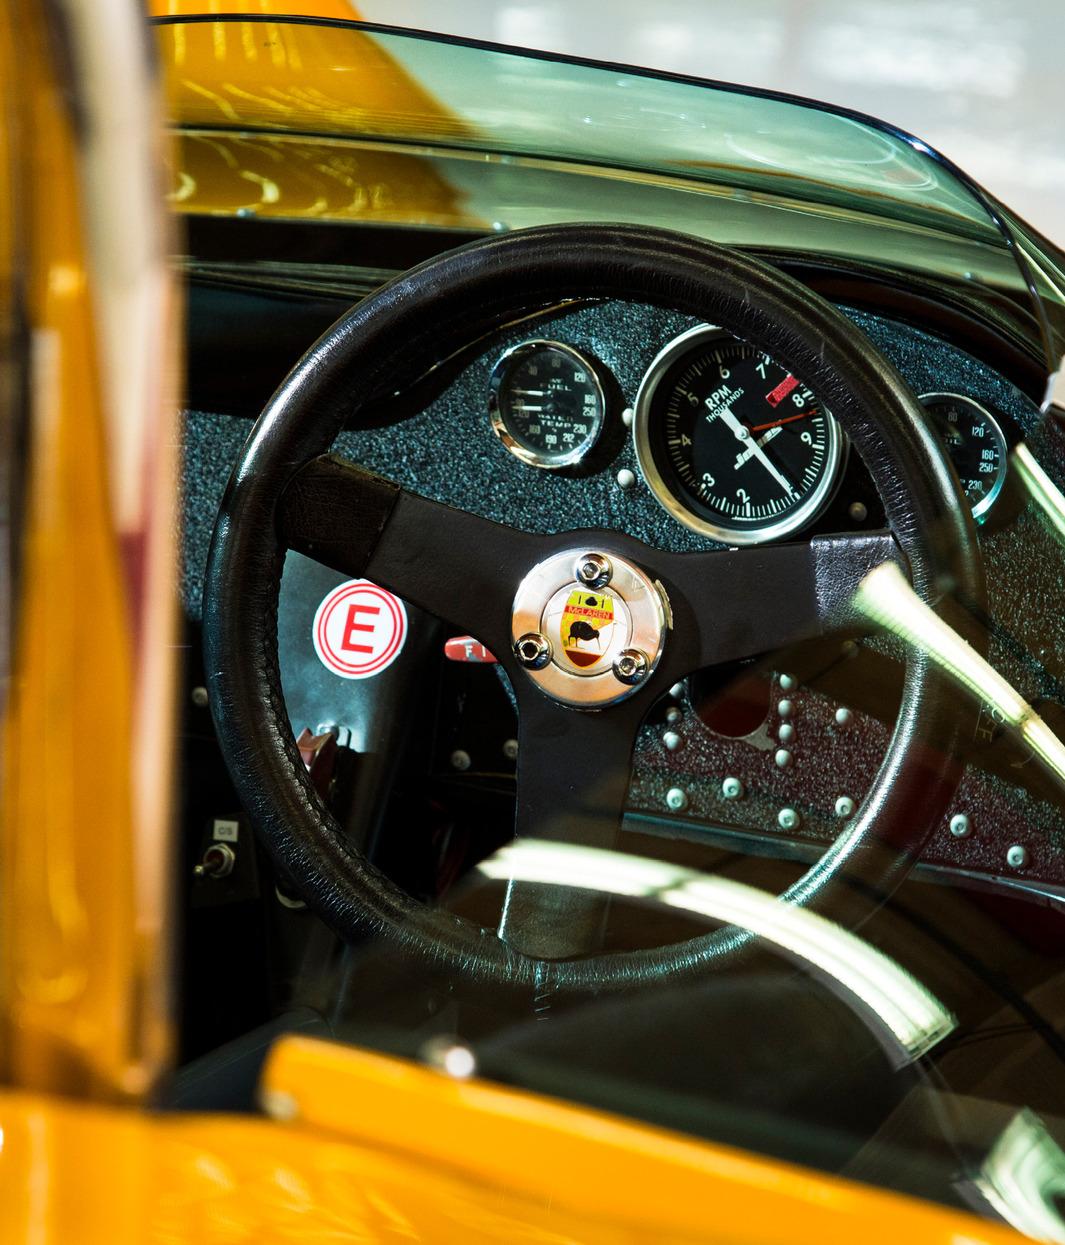 Richard Griot: McLaren collector extraordinaire - McLaren